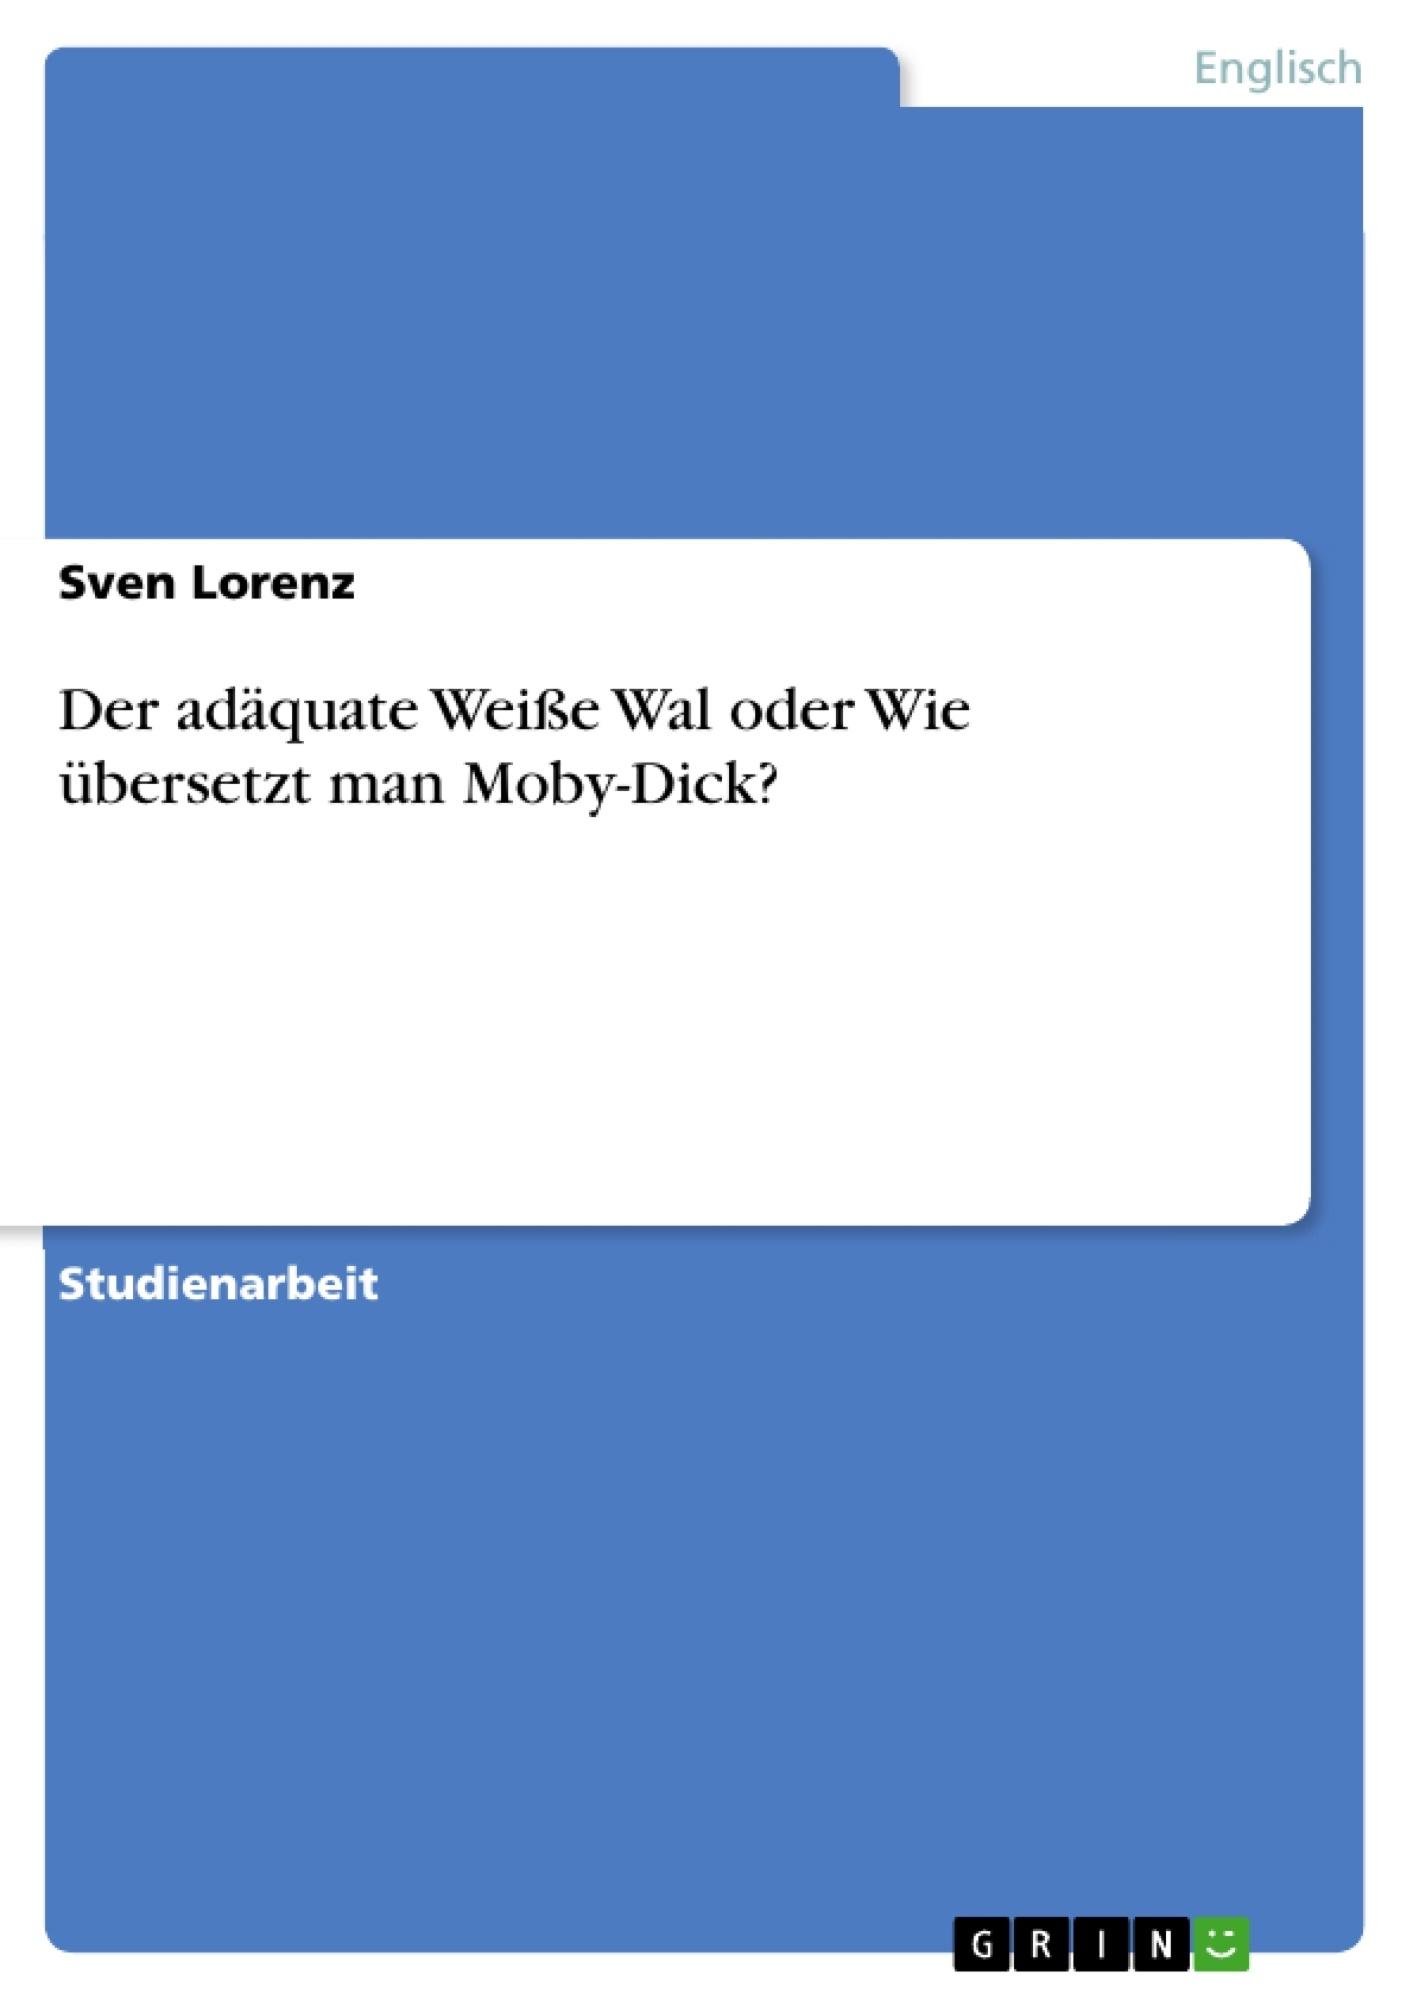 Titel: Der adäquate Weiße Wal oder Wie übersetzt man Moby-Dick?